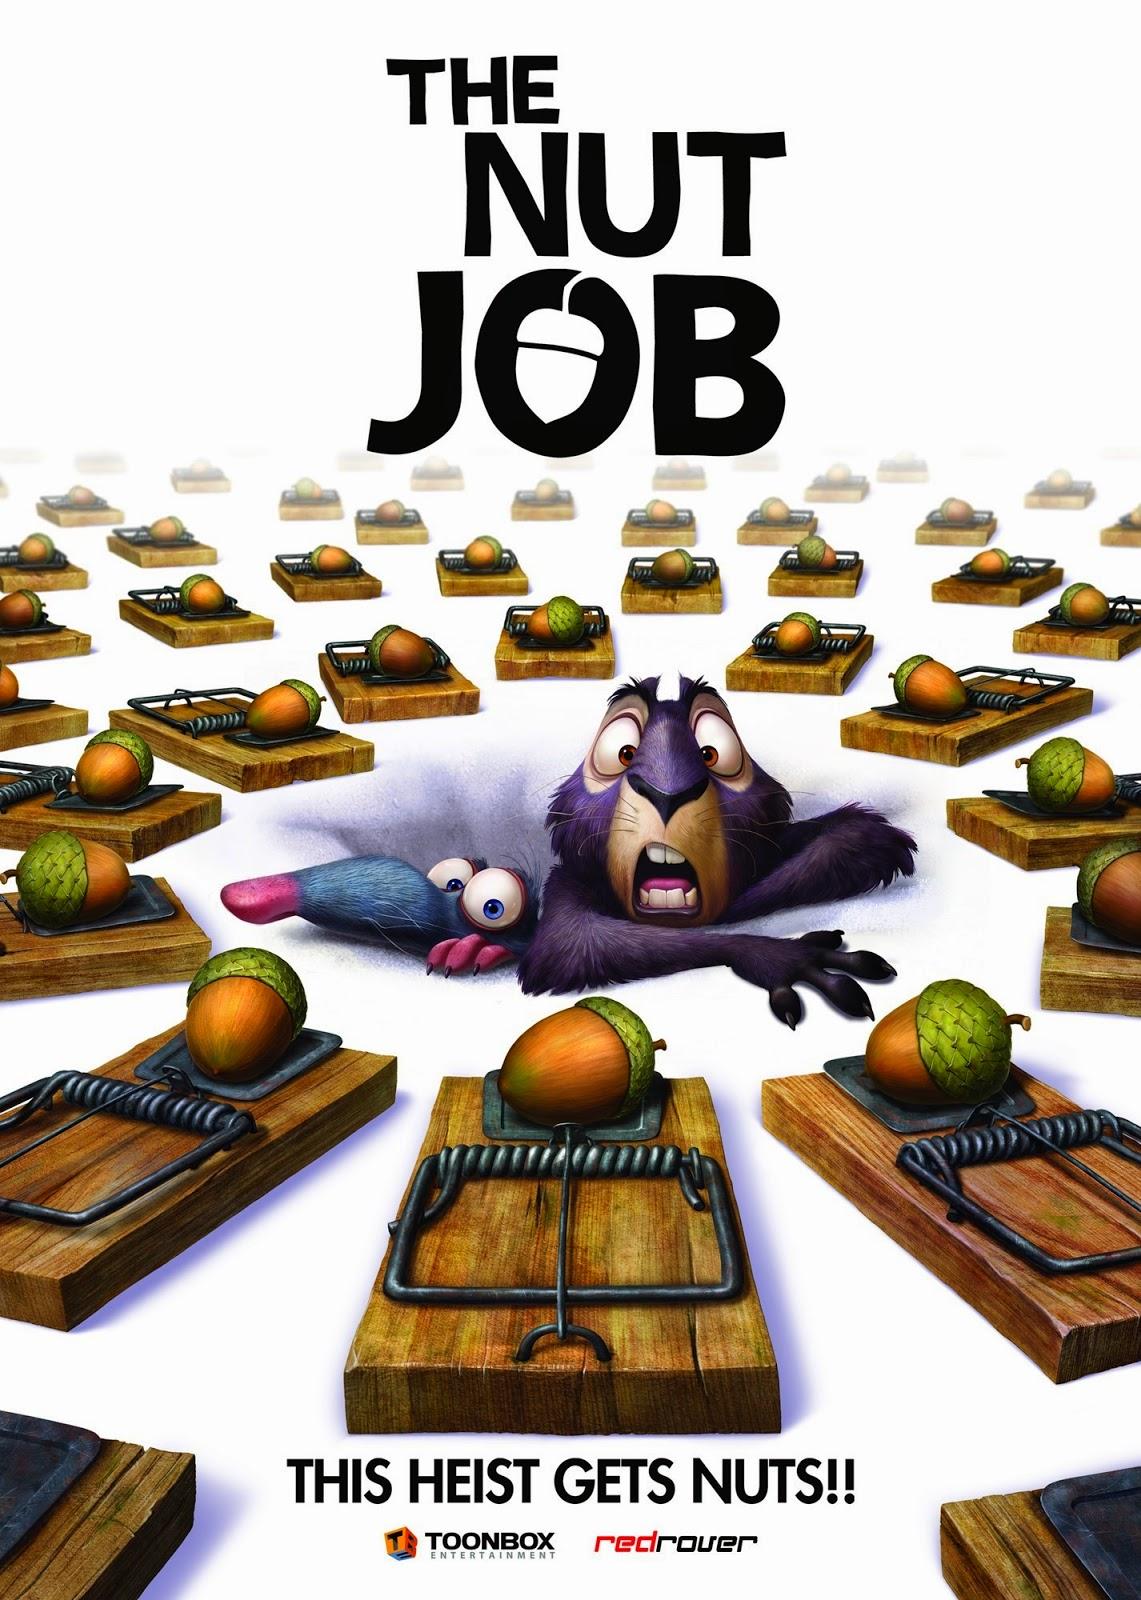 The Nut Job เดอะ นัต จ็อบ ภารกิจหม่ำถั่วป่วนเมือง [HD][พากย์ไทย]